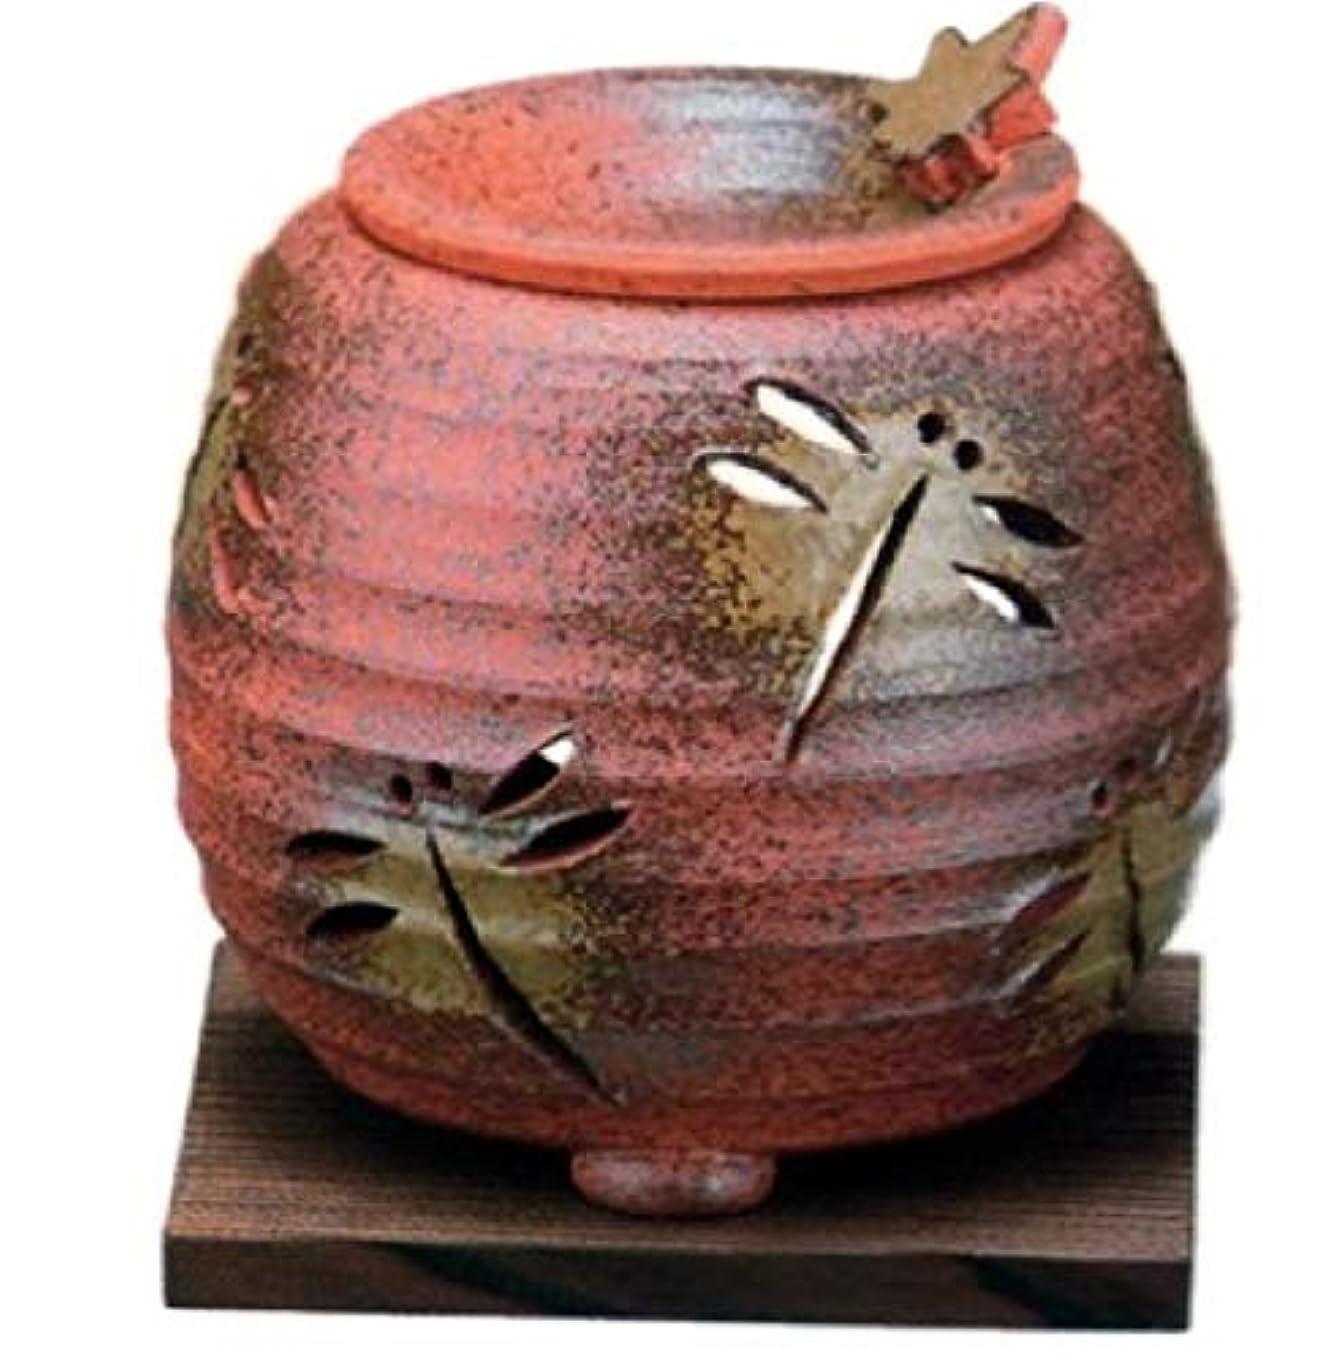 検索石の大量常滑焼 3-830 石龍焼〆千段トンボ茶香炉 石龍φ11×H11㎝